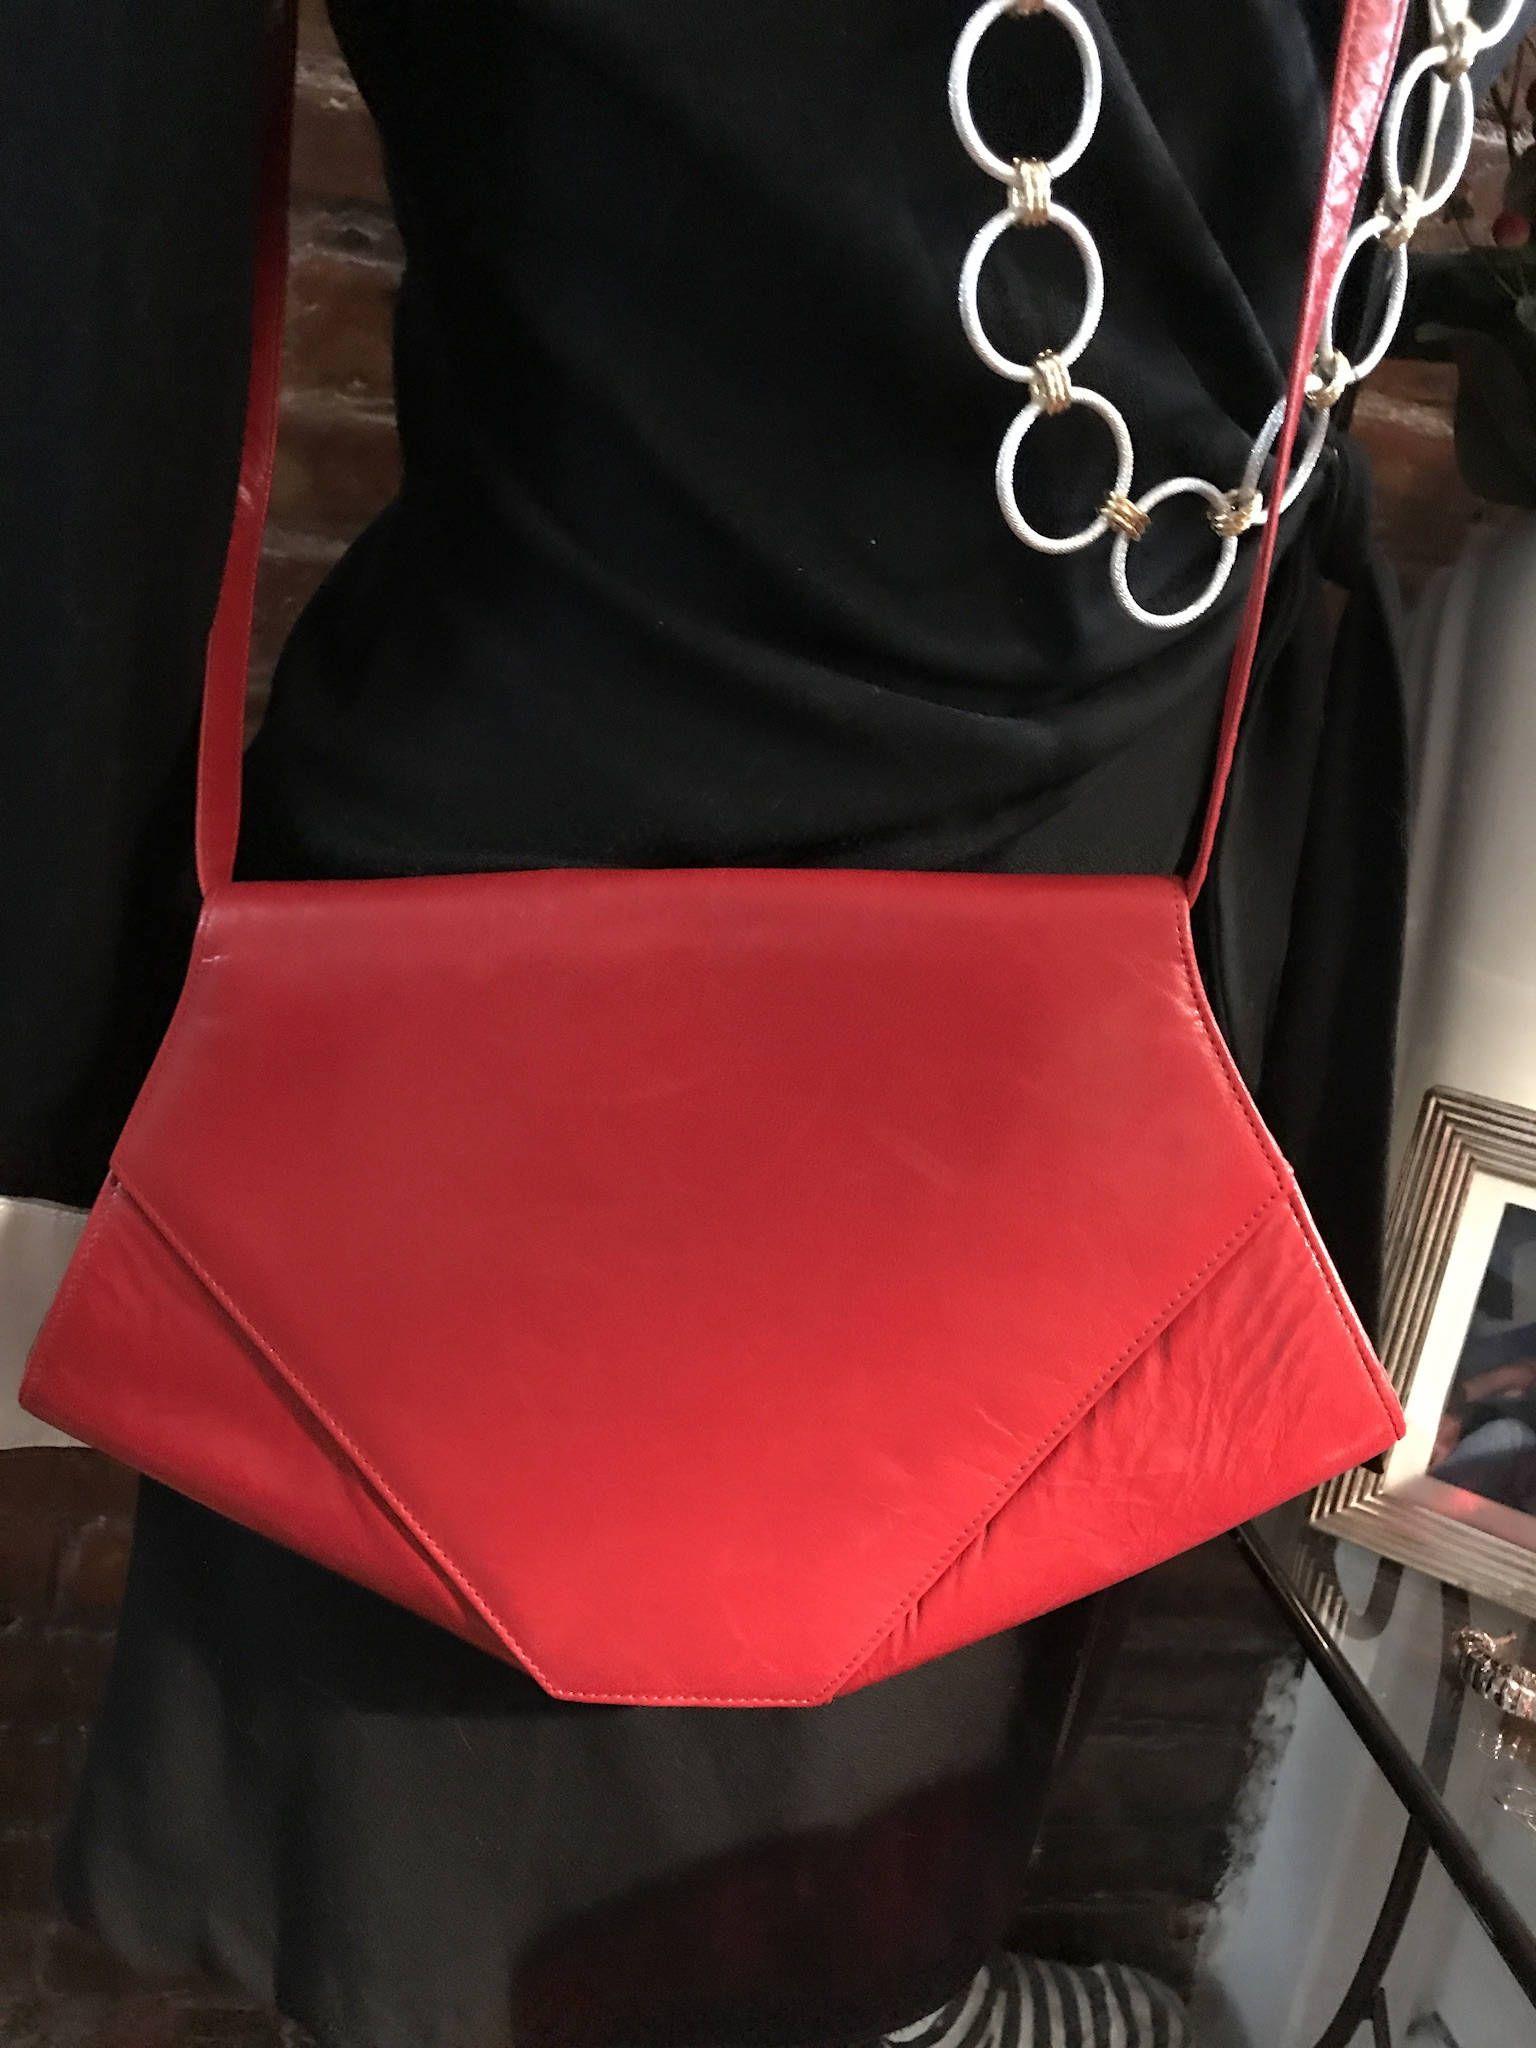 Lovely Vintage Charles Jourdan Red Leather Purse Shoulder Bag Crossbody Handbag Made In France Red Leather Purse How To Make Handbags Vintage Handbags